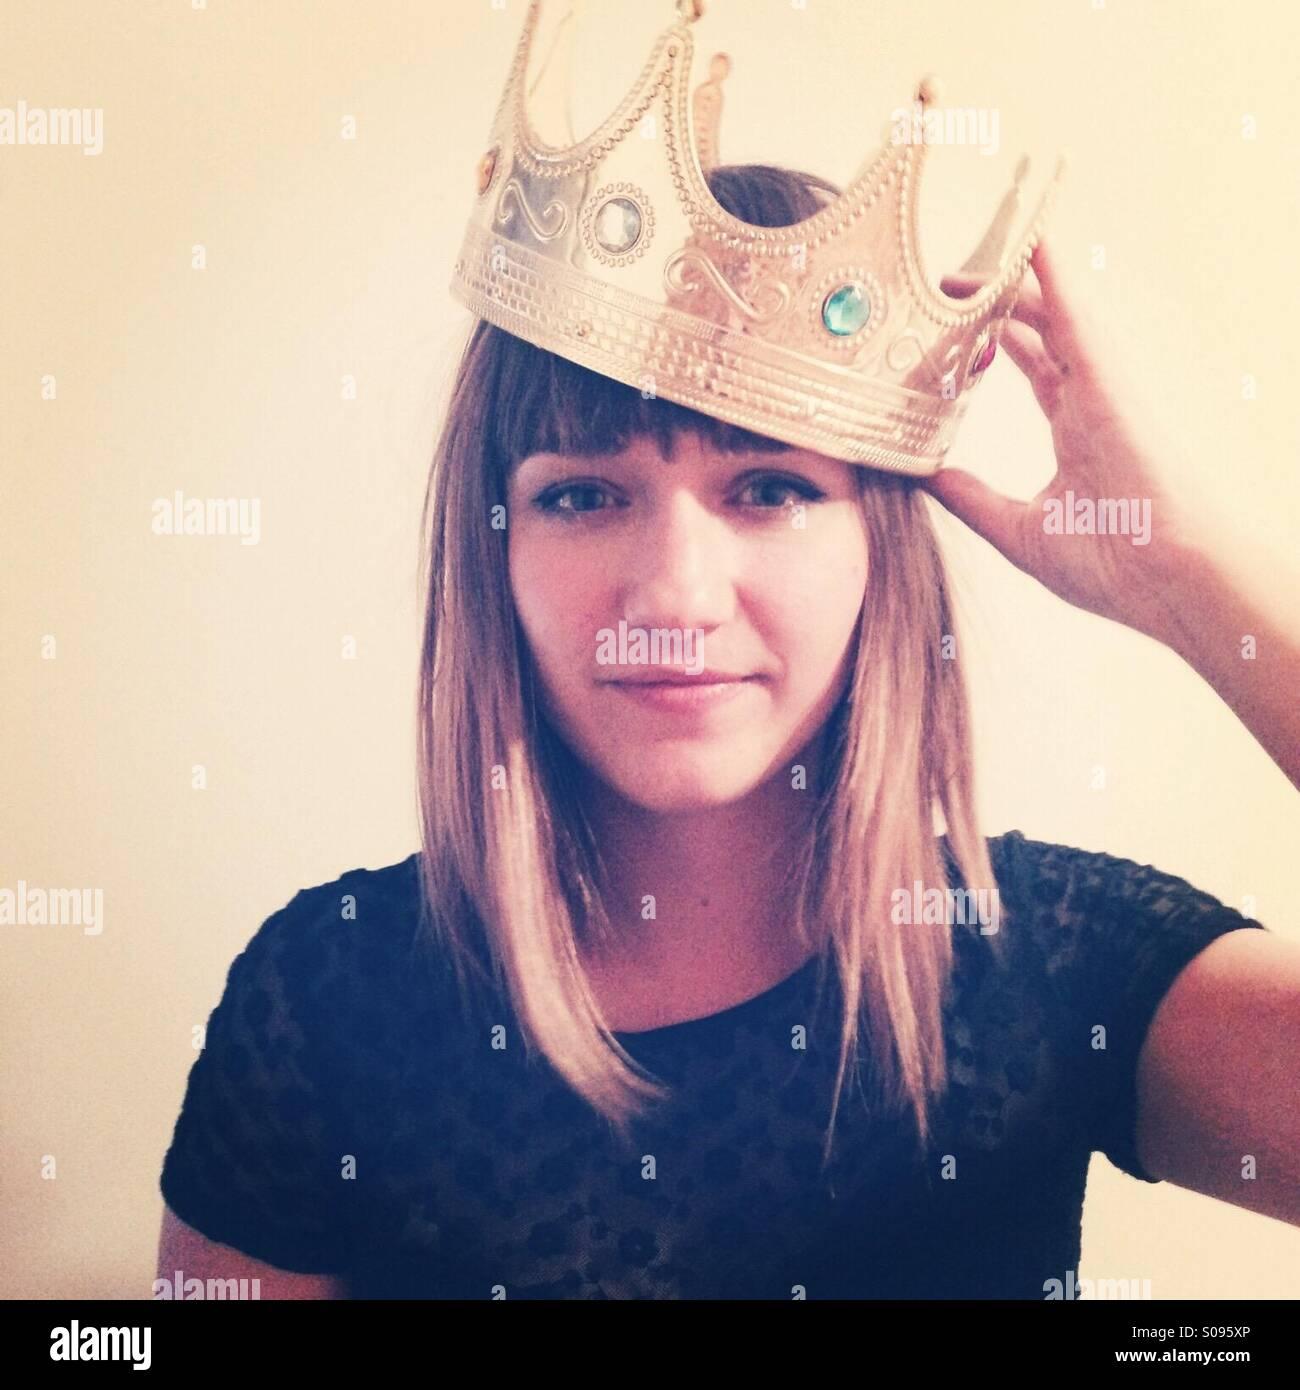 Mujer joven llevaba corona. Imagen De Stock